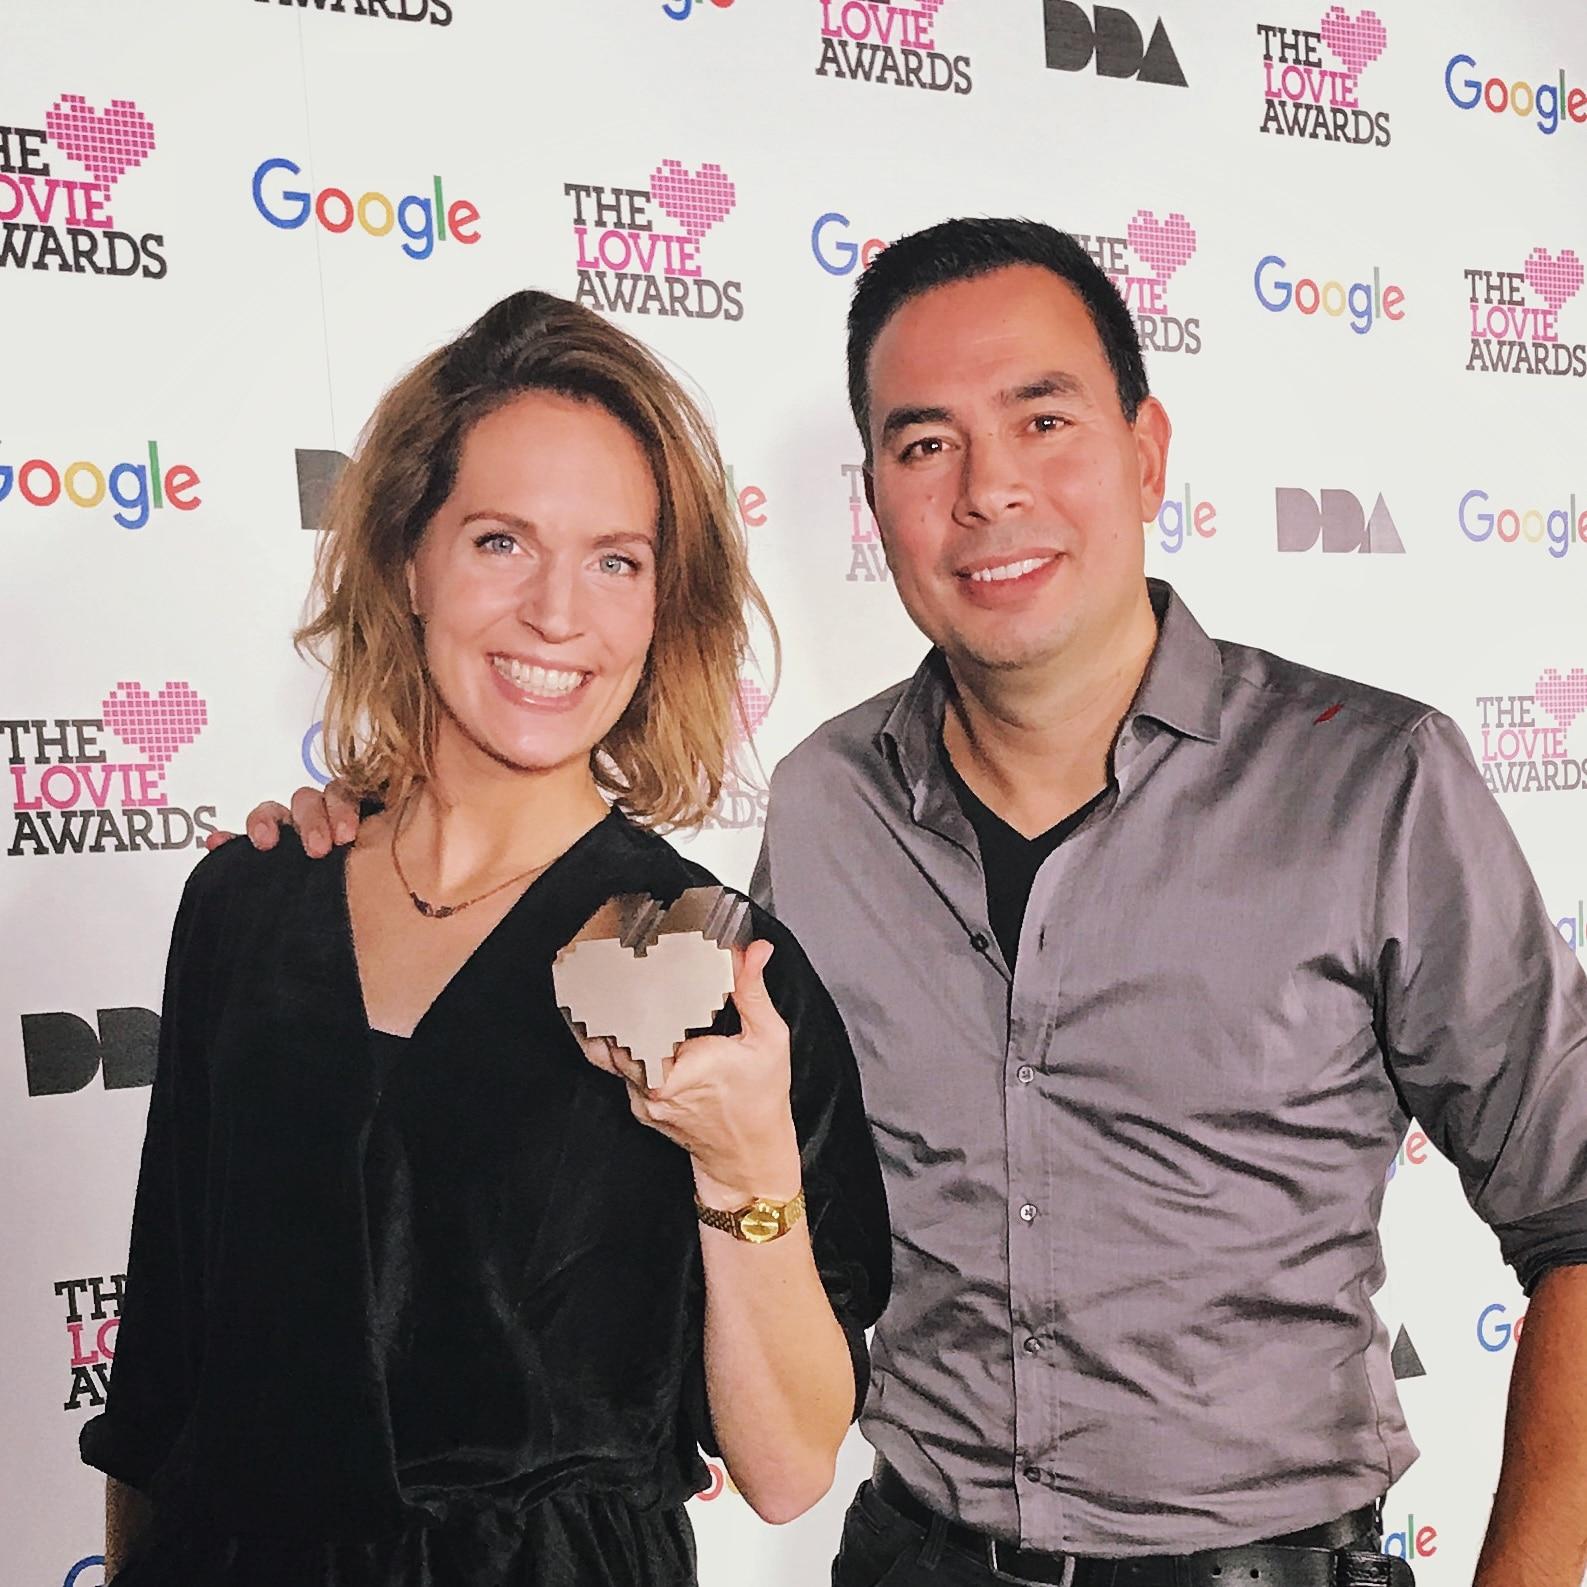 Lovie award